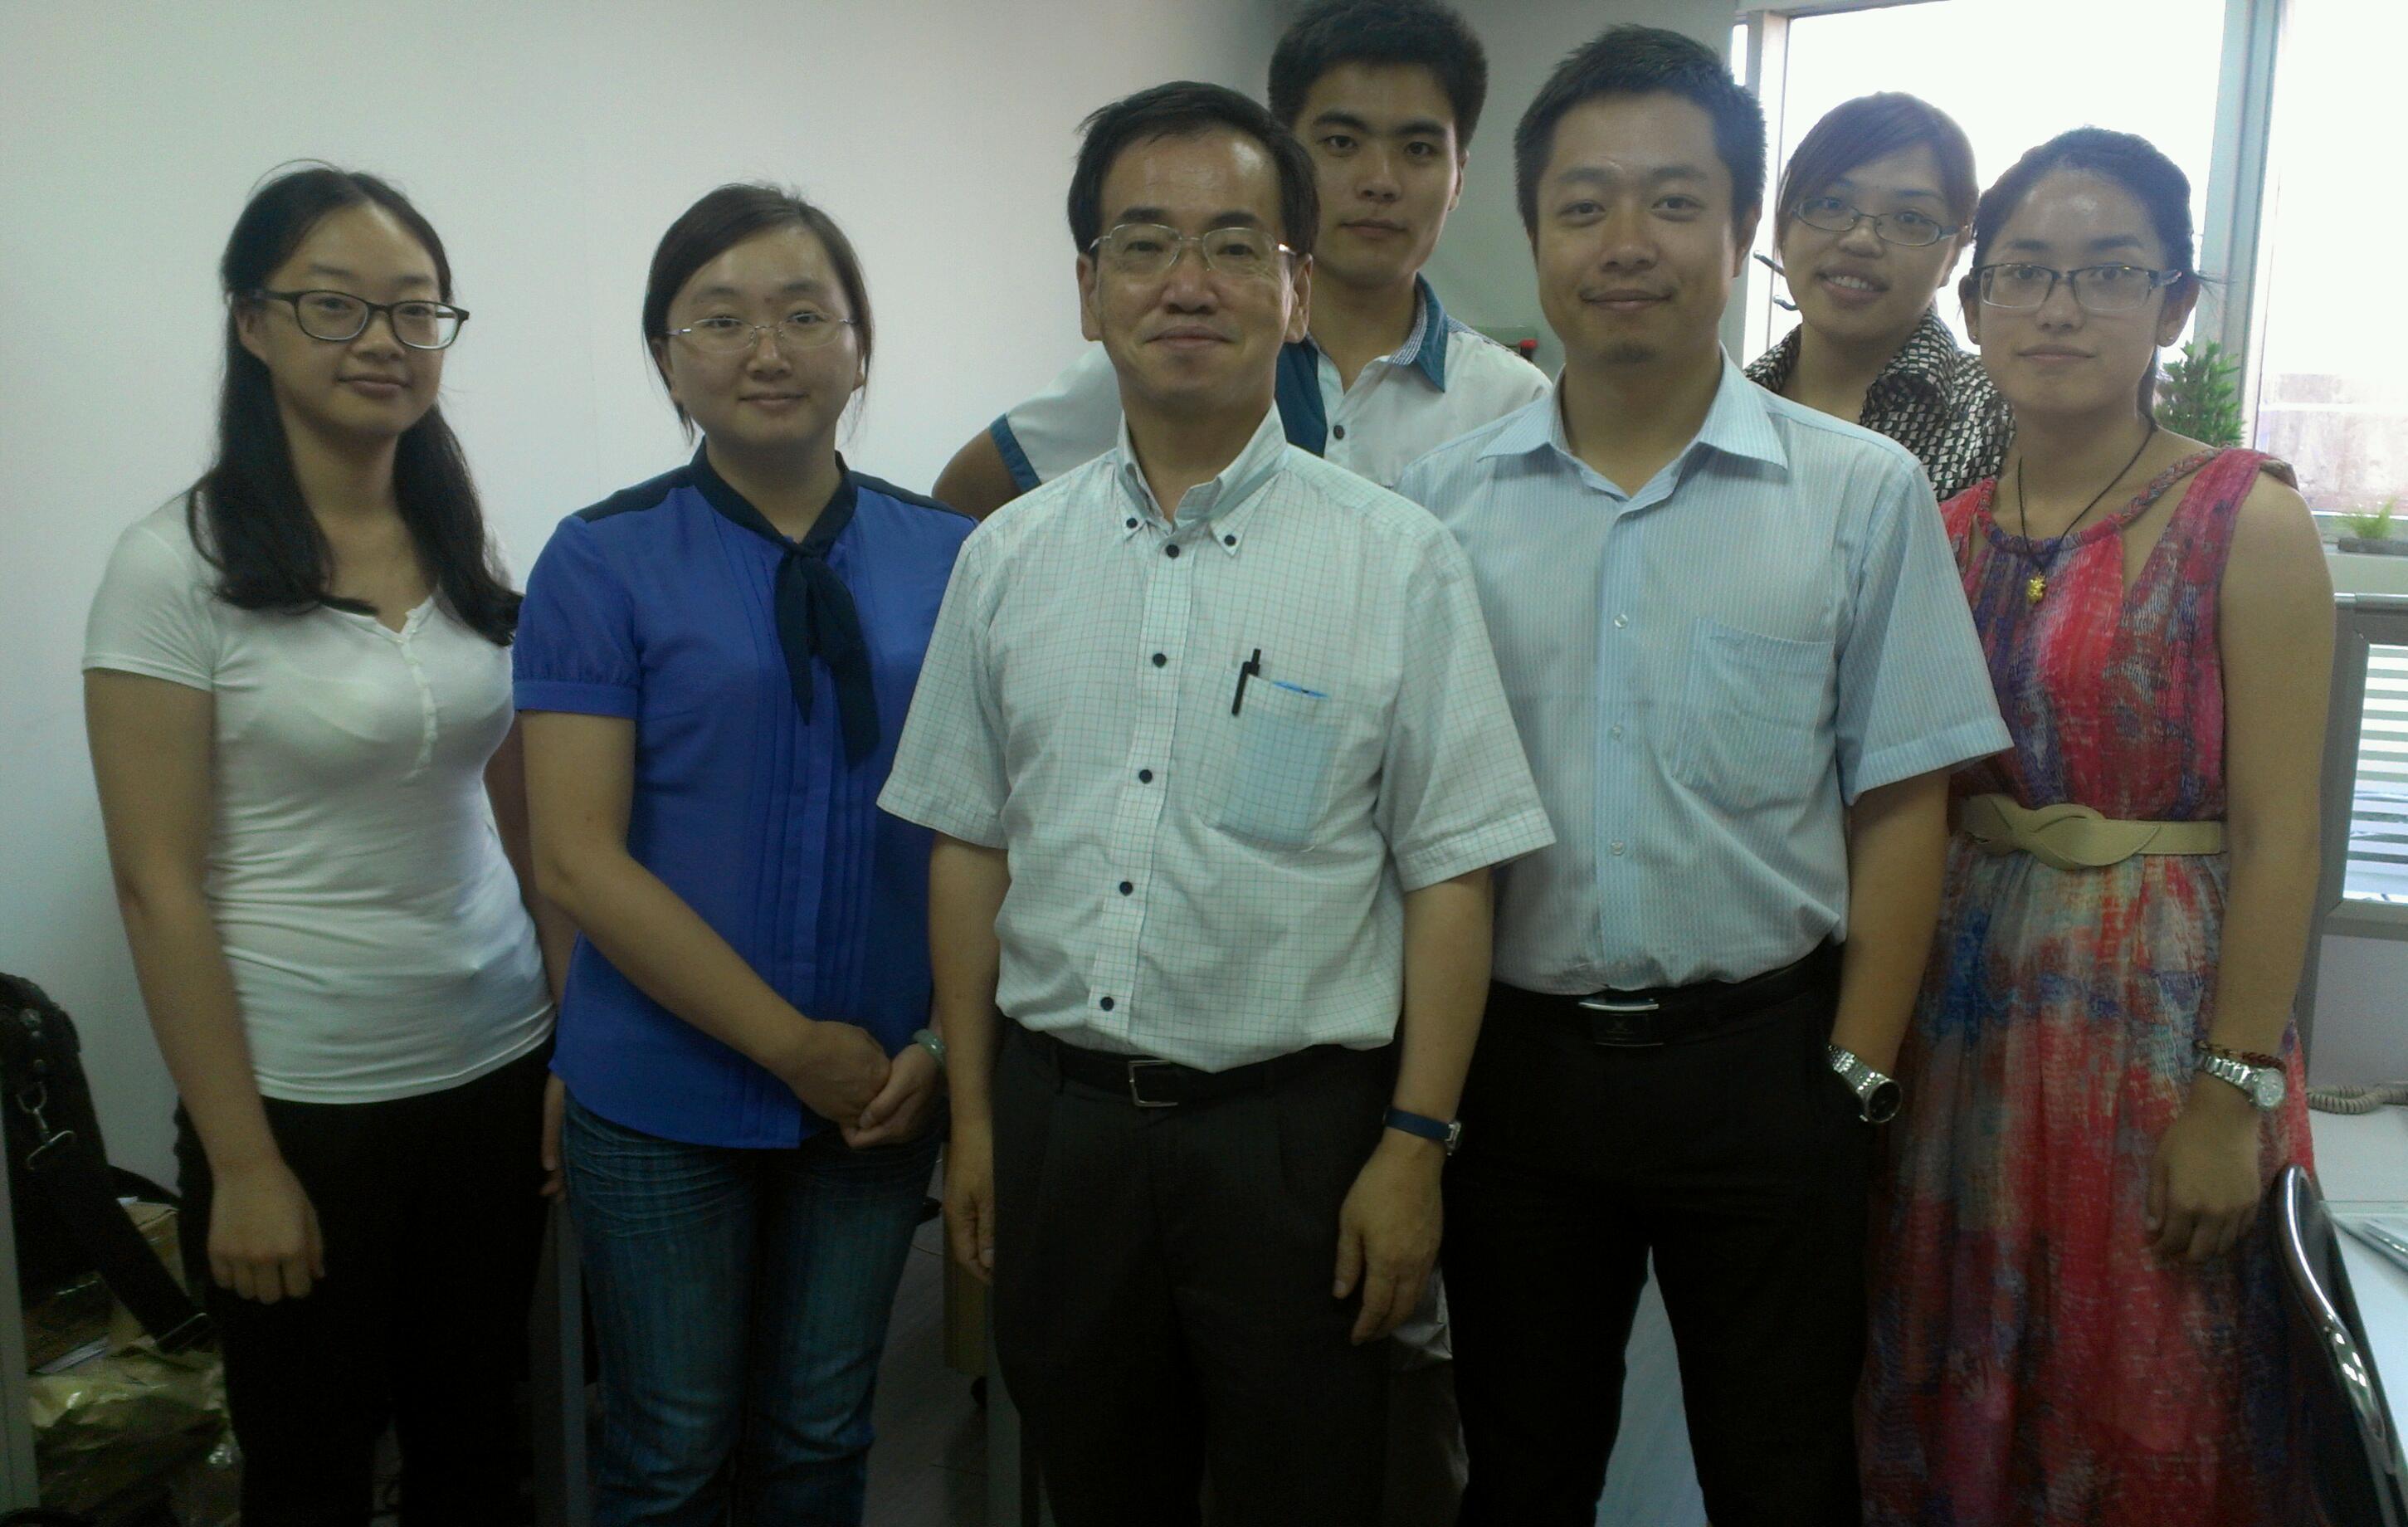 上海事務所のスタッフ